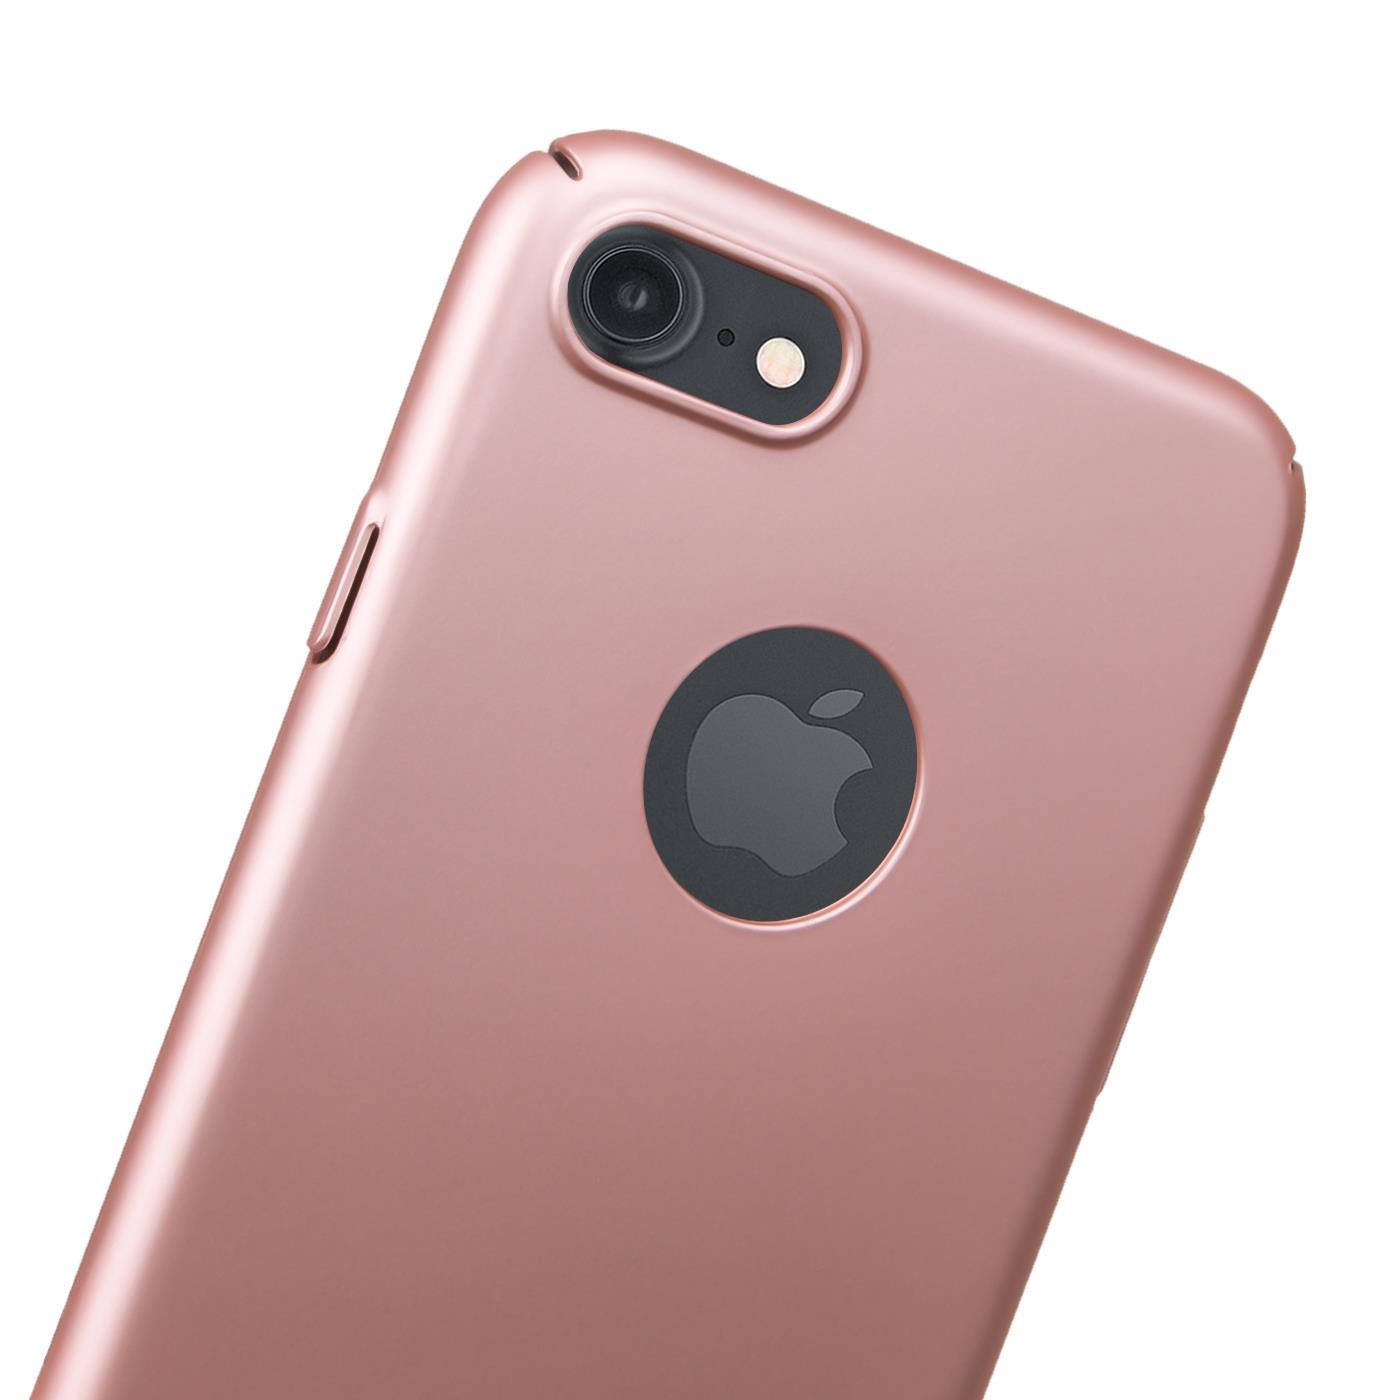 Slim-Cover-Schutzhuelle-Apple-iPhone-Handy-Schutz-Tasche-Huelle-Glas-Panzer-Folie Indexbild 29